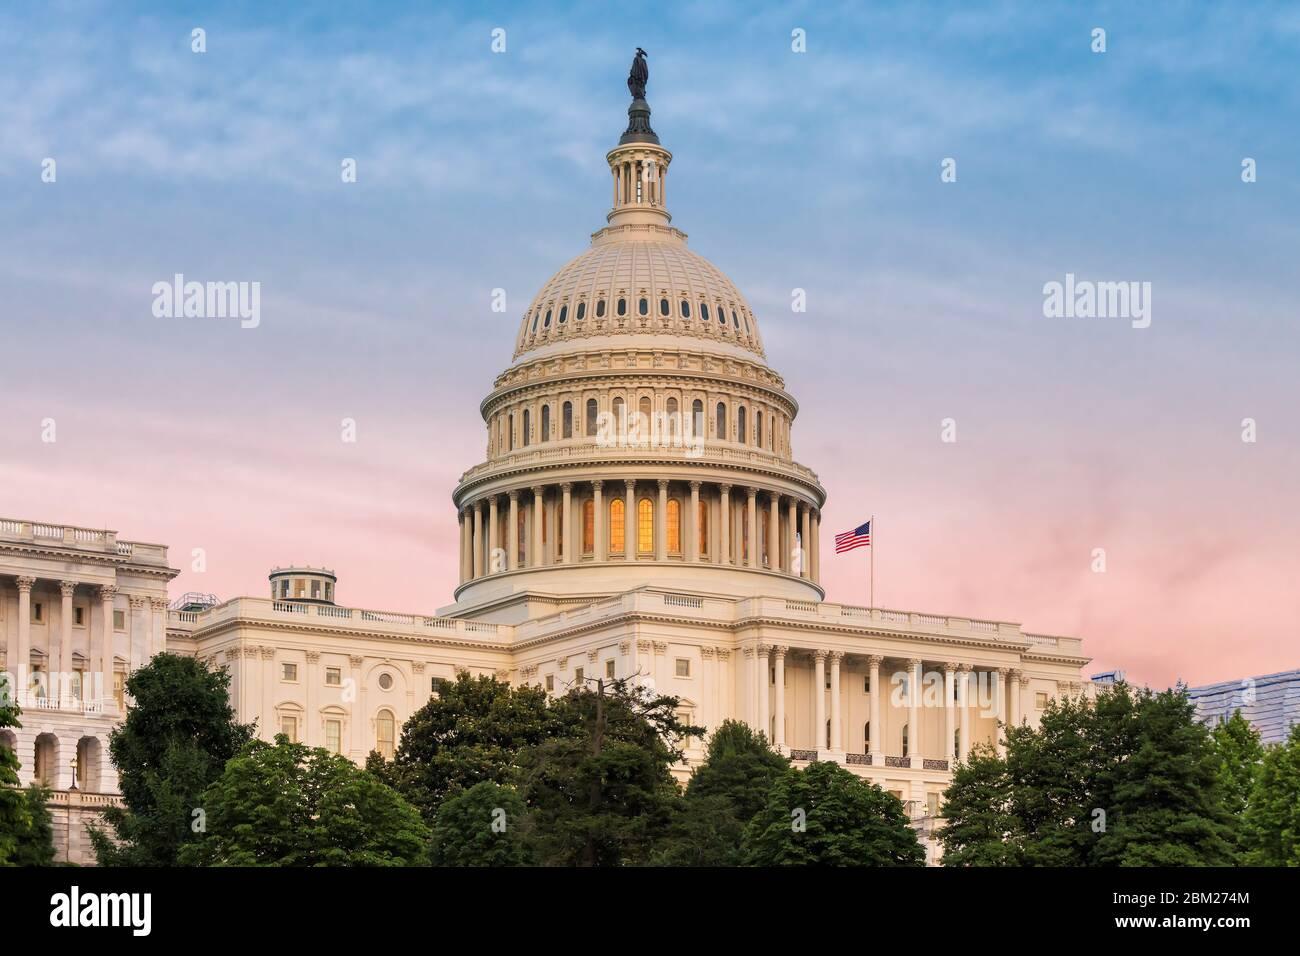 Bâtiment du Capitole DES ÉTATS-UNIS à Washington DC Banque D'Images